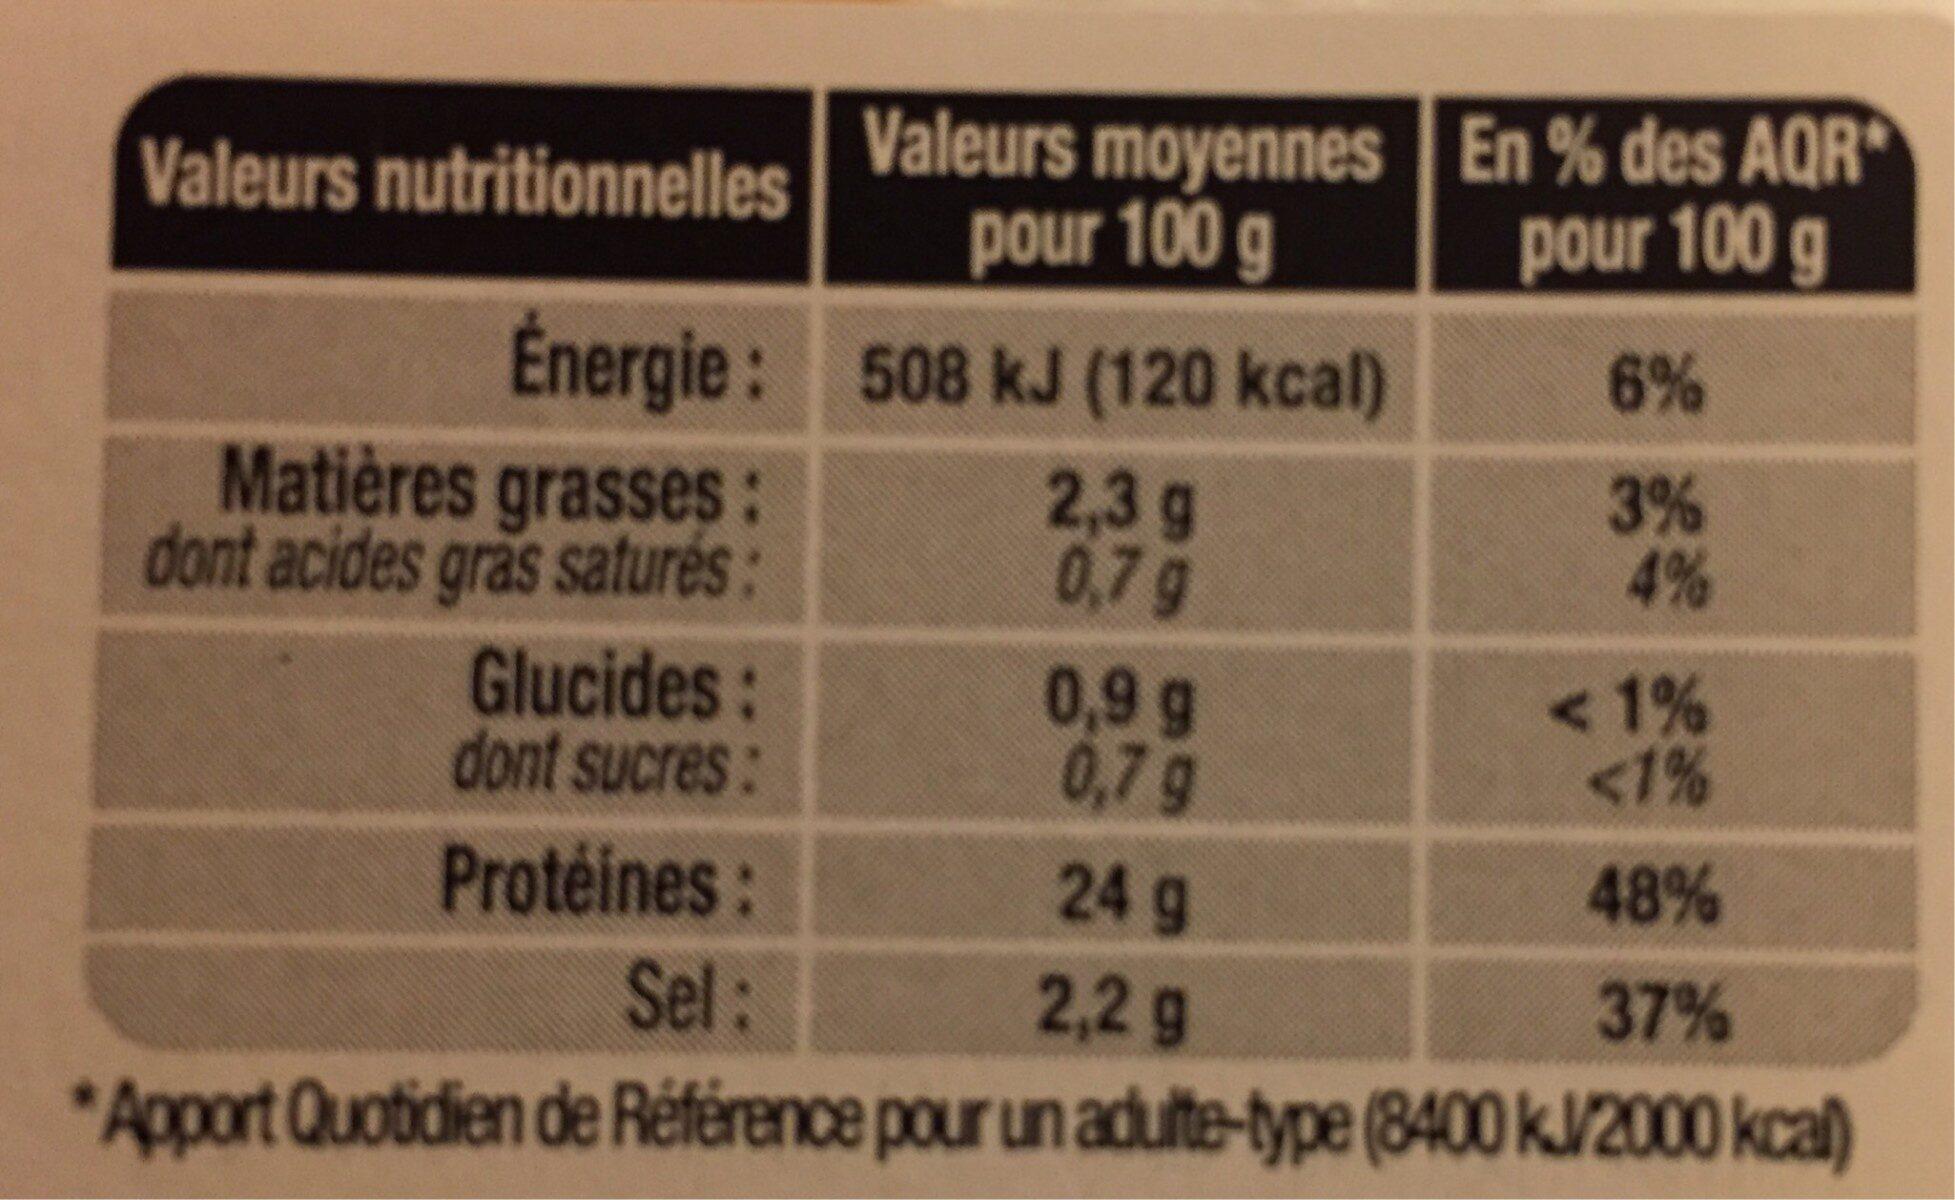 Filet de poulet fumé Nature - Informations nutritionnelles - fr